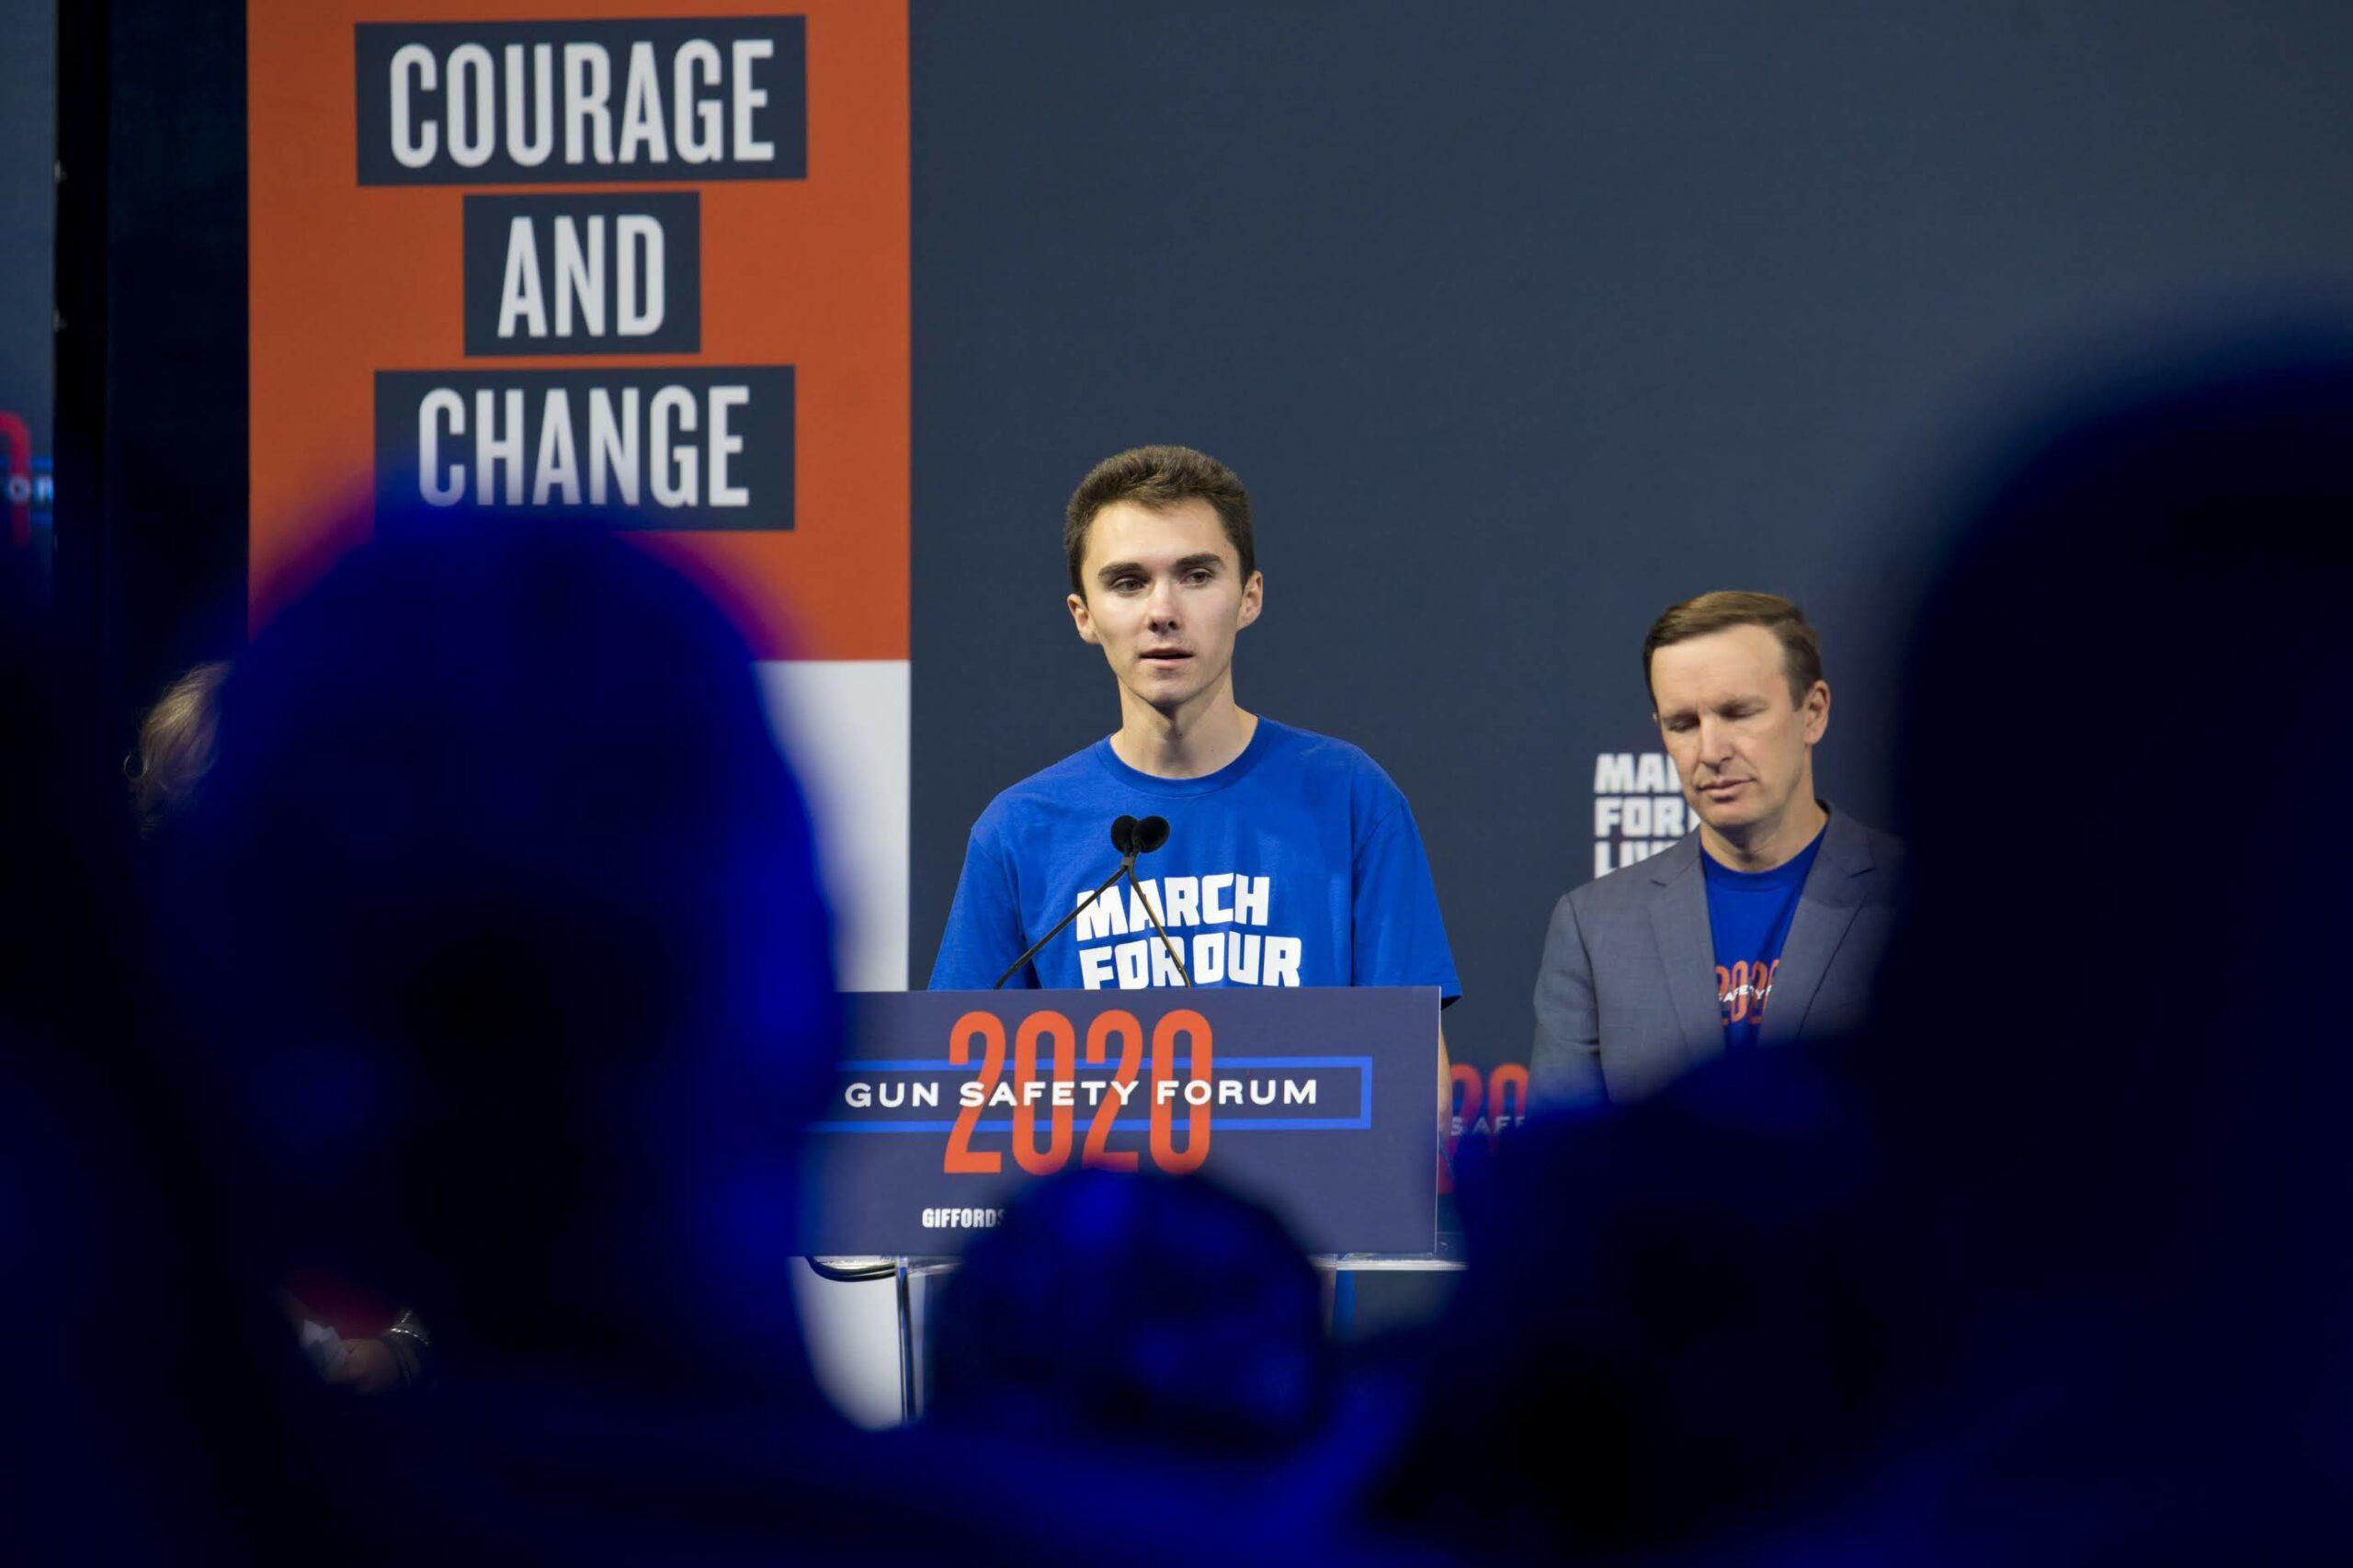 Gun safety activist David Hogg speaks during the 2020 Gun Safety Forum in Las Vegas